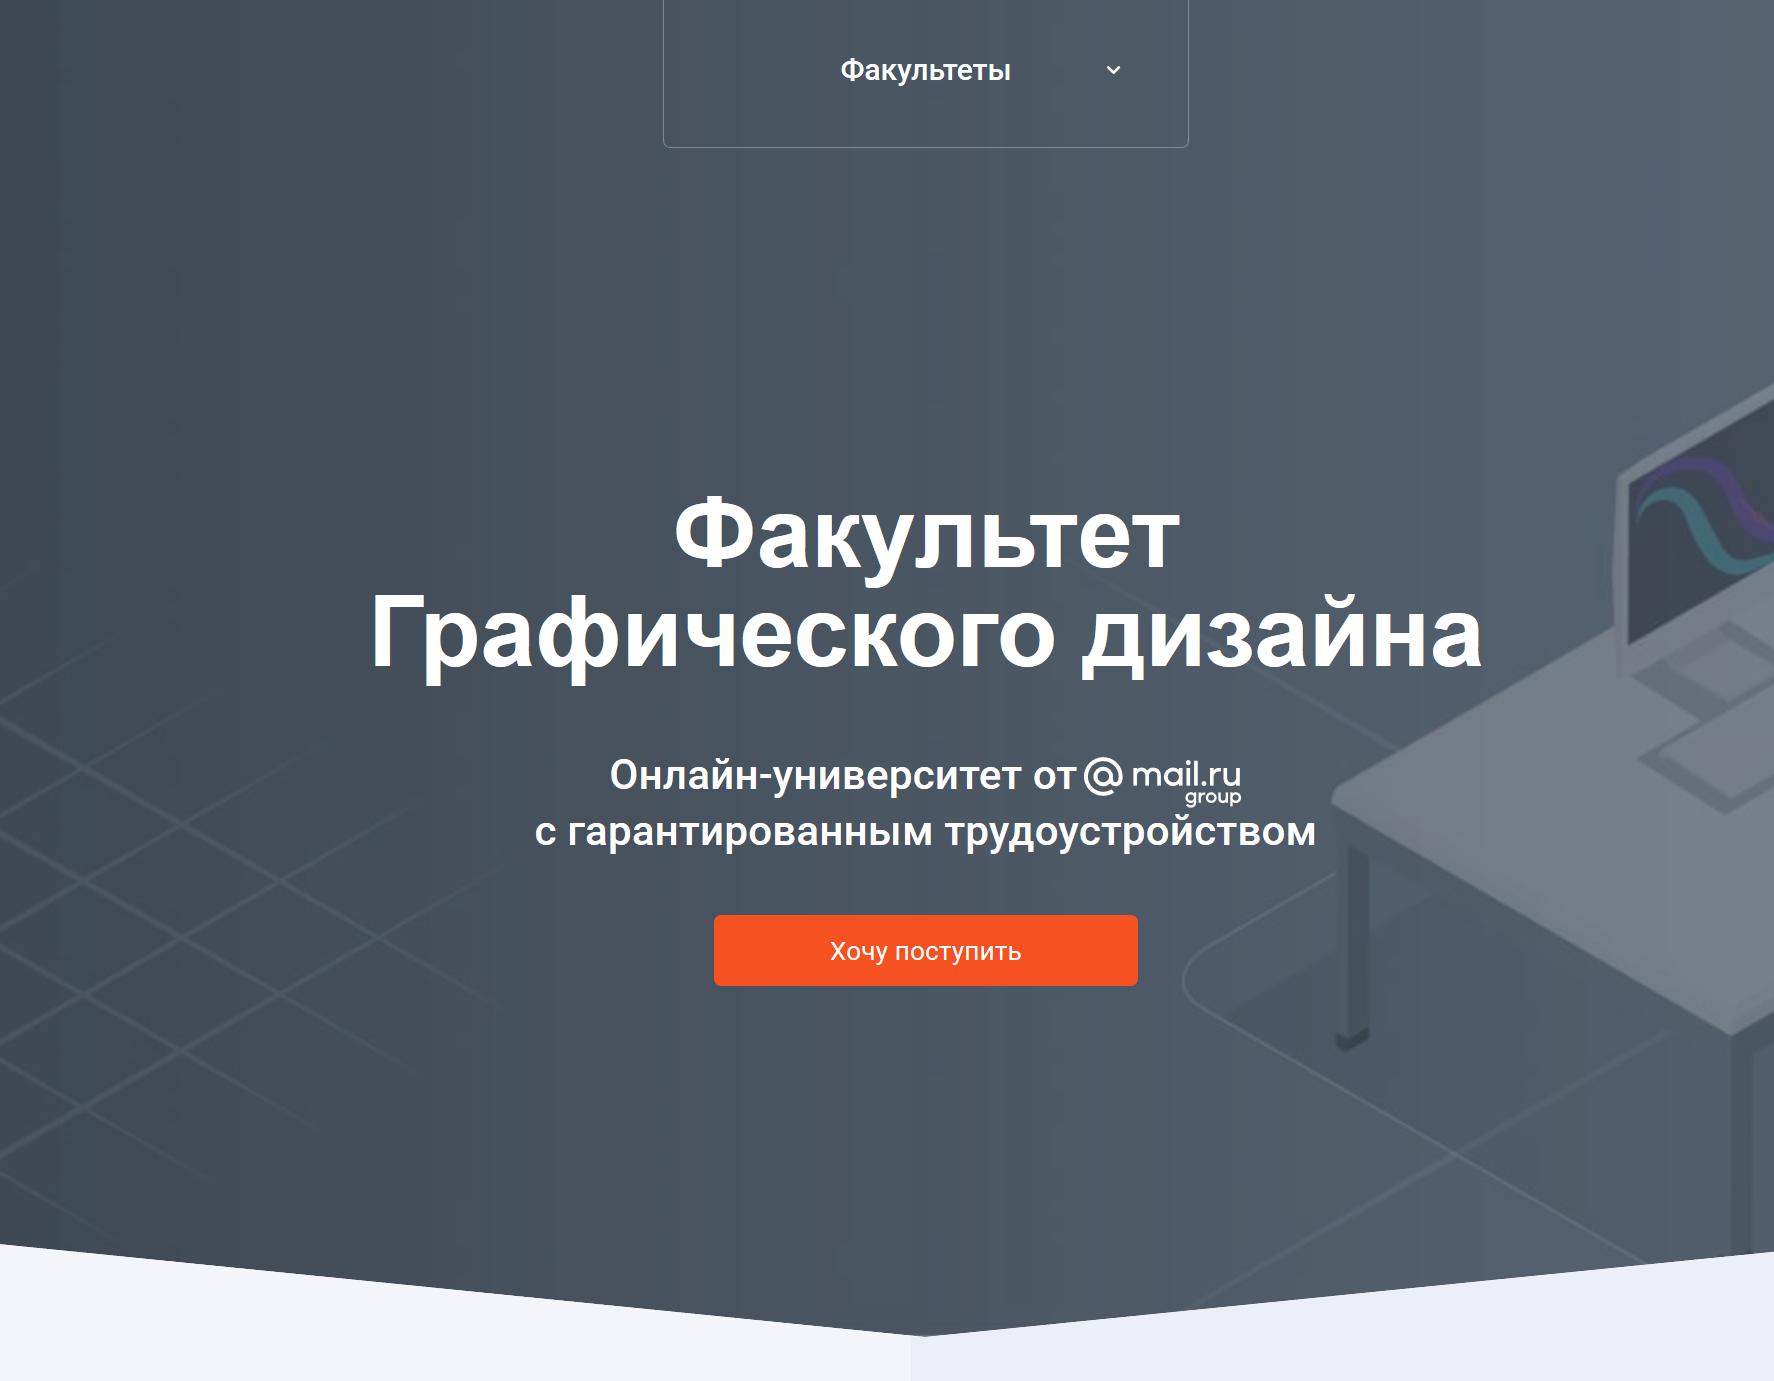 Курсы графического дизайна – обучение на графического дизайнера онлайн GeekBrains – образовательный портал GeekBrains - образовательный портал